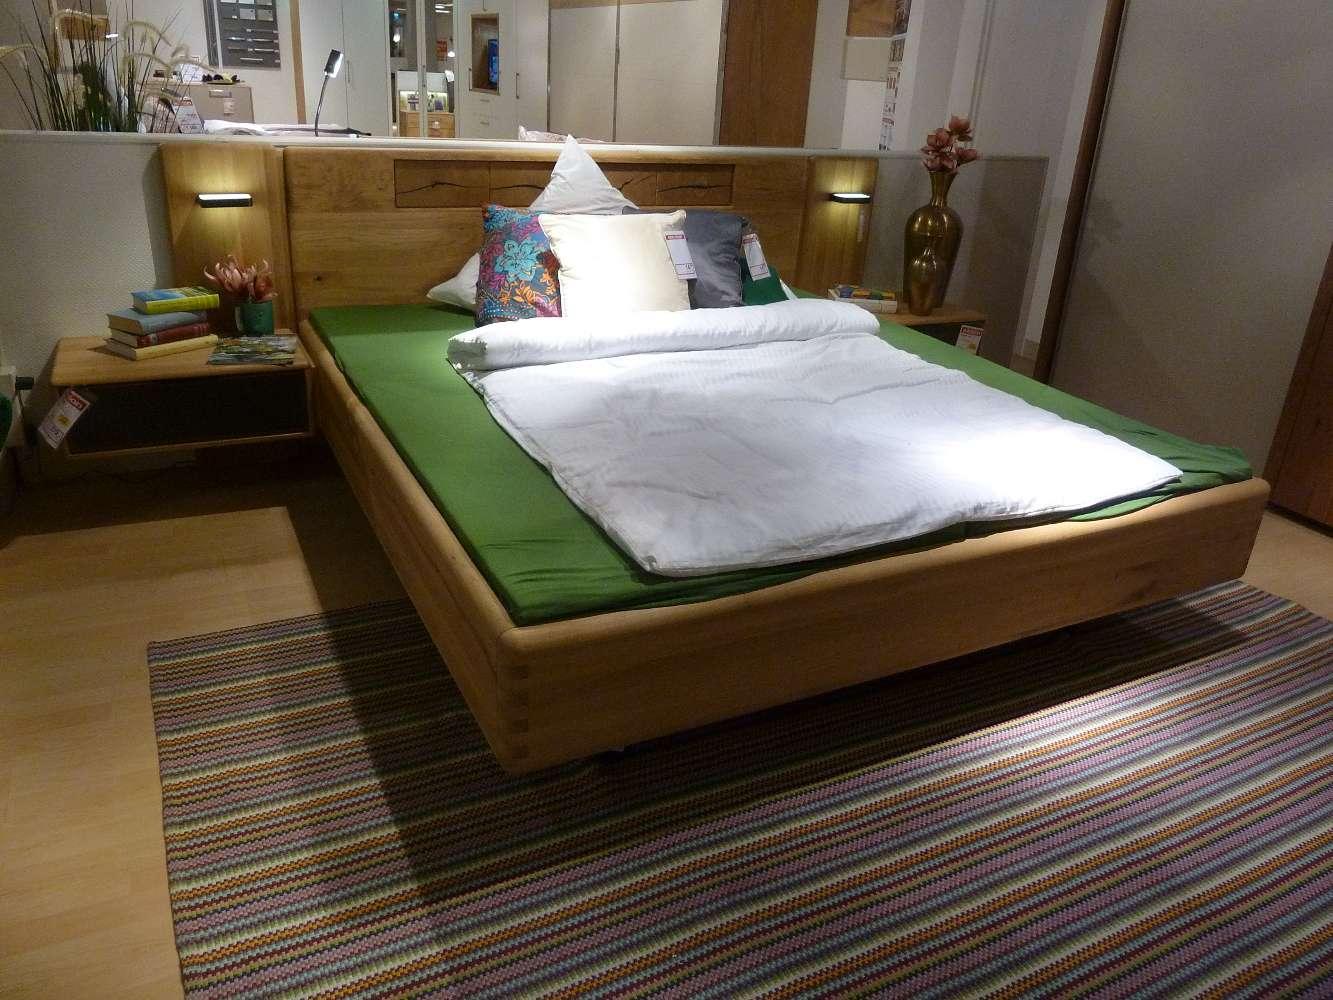 Schlafzimmer in Wildeiche massiv geölt